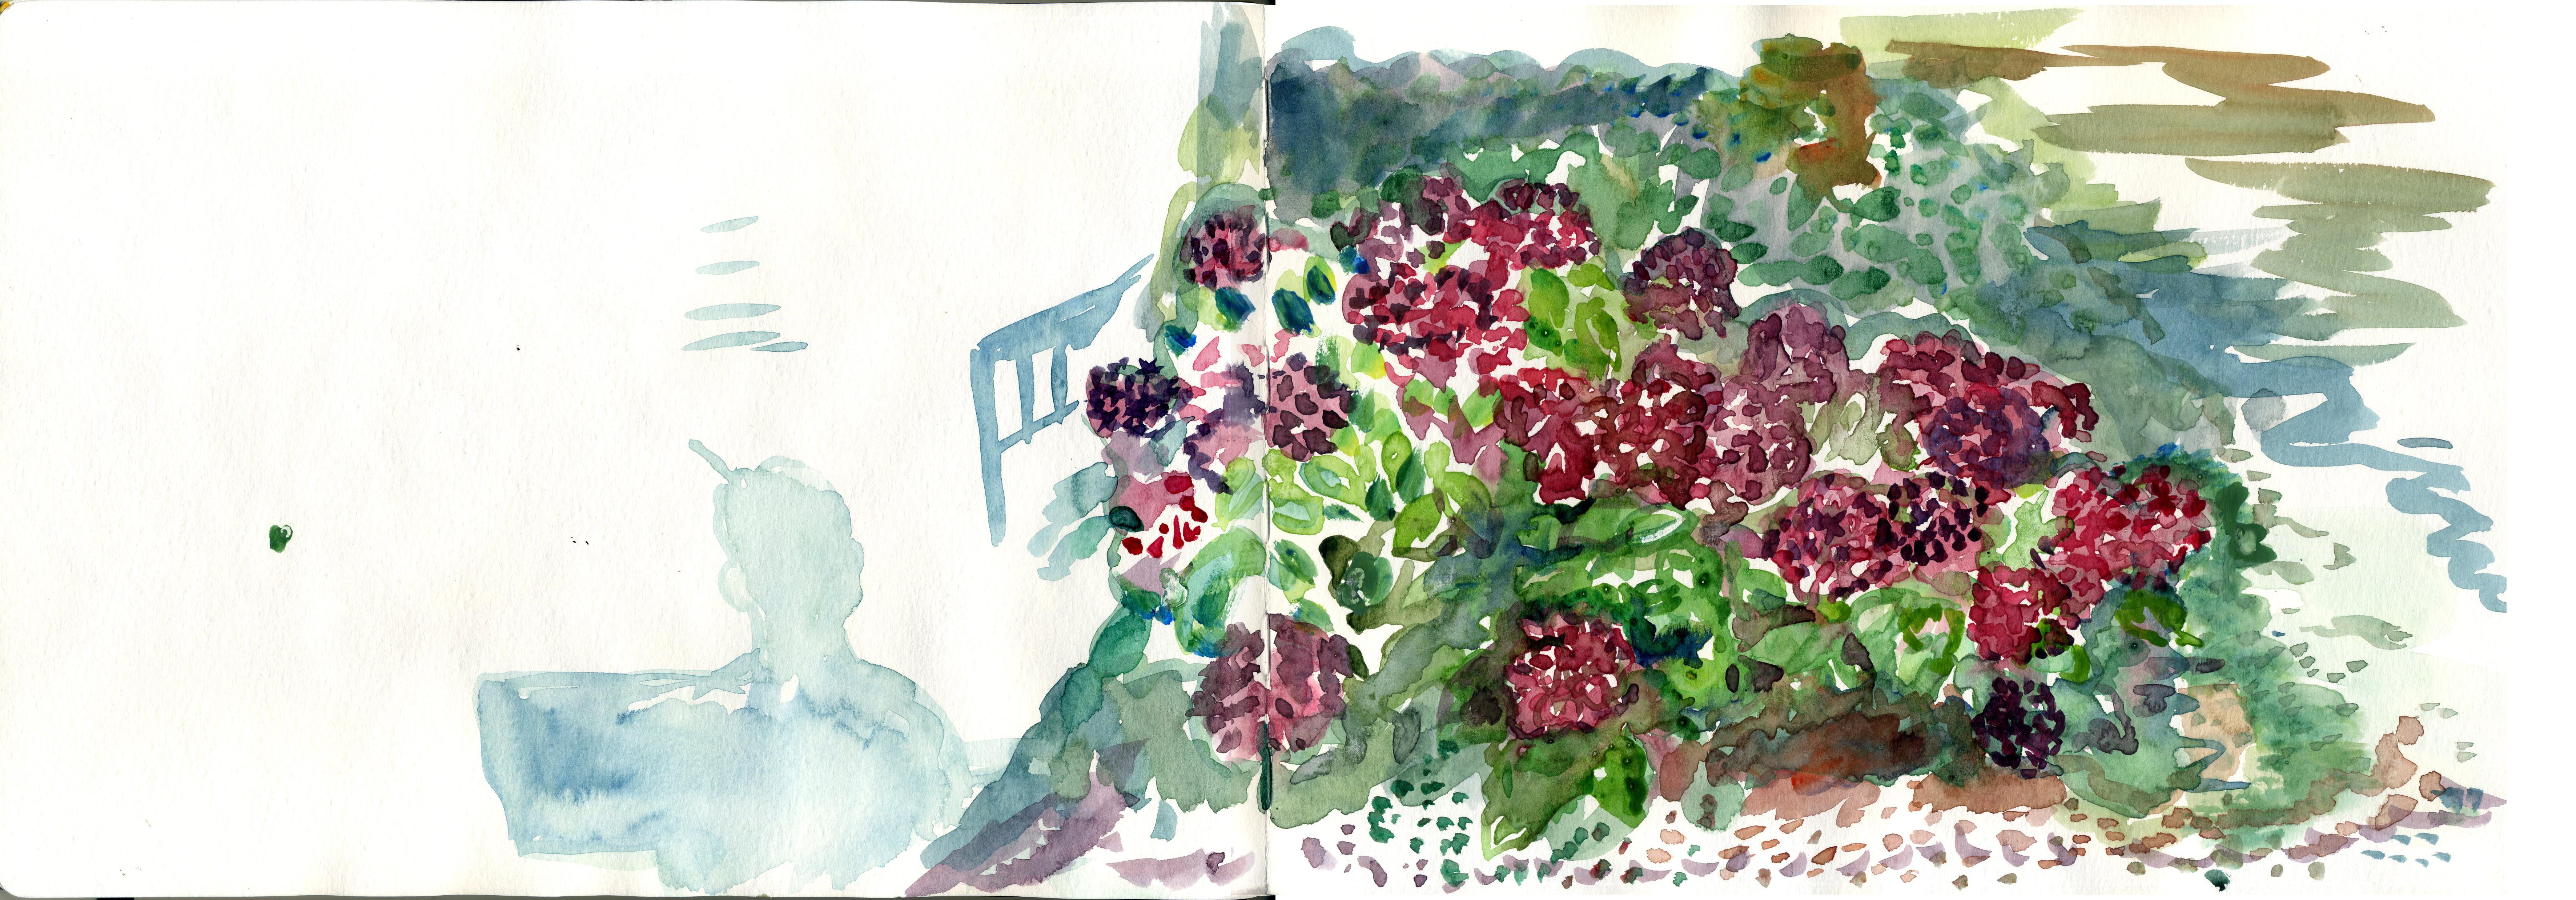 horetensia-jardin